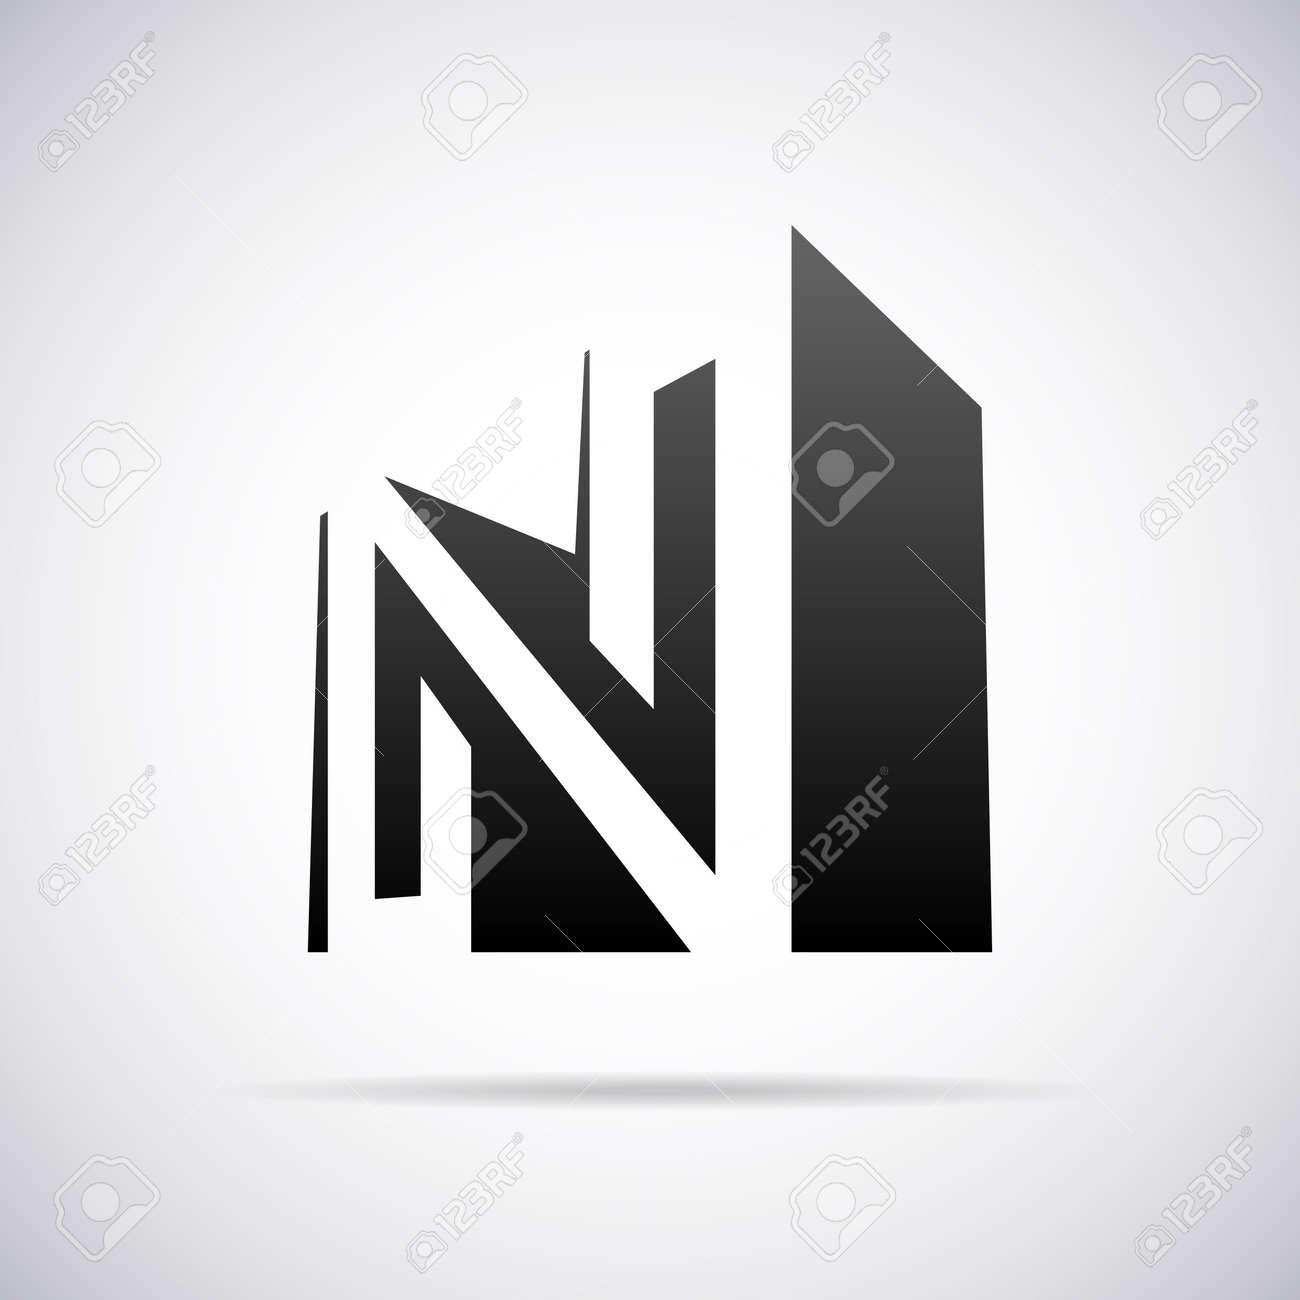 logo - Wwwresume Formatcom